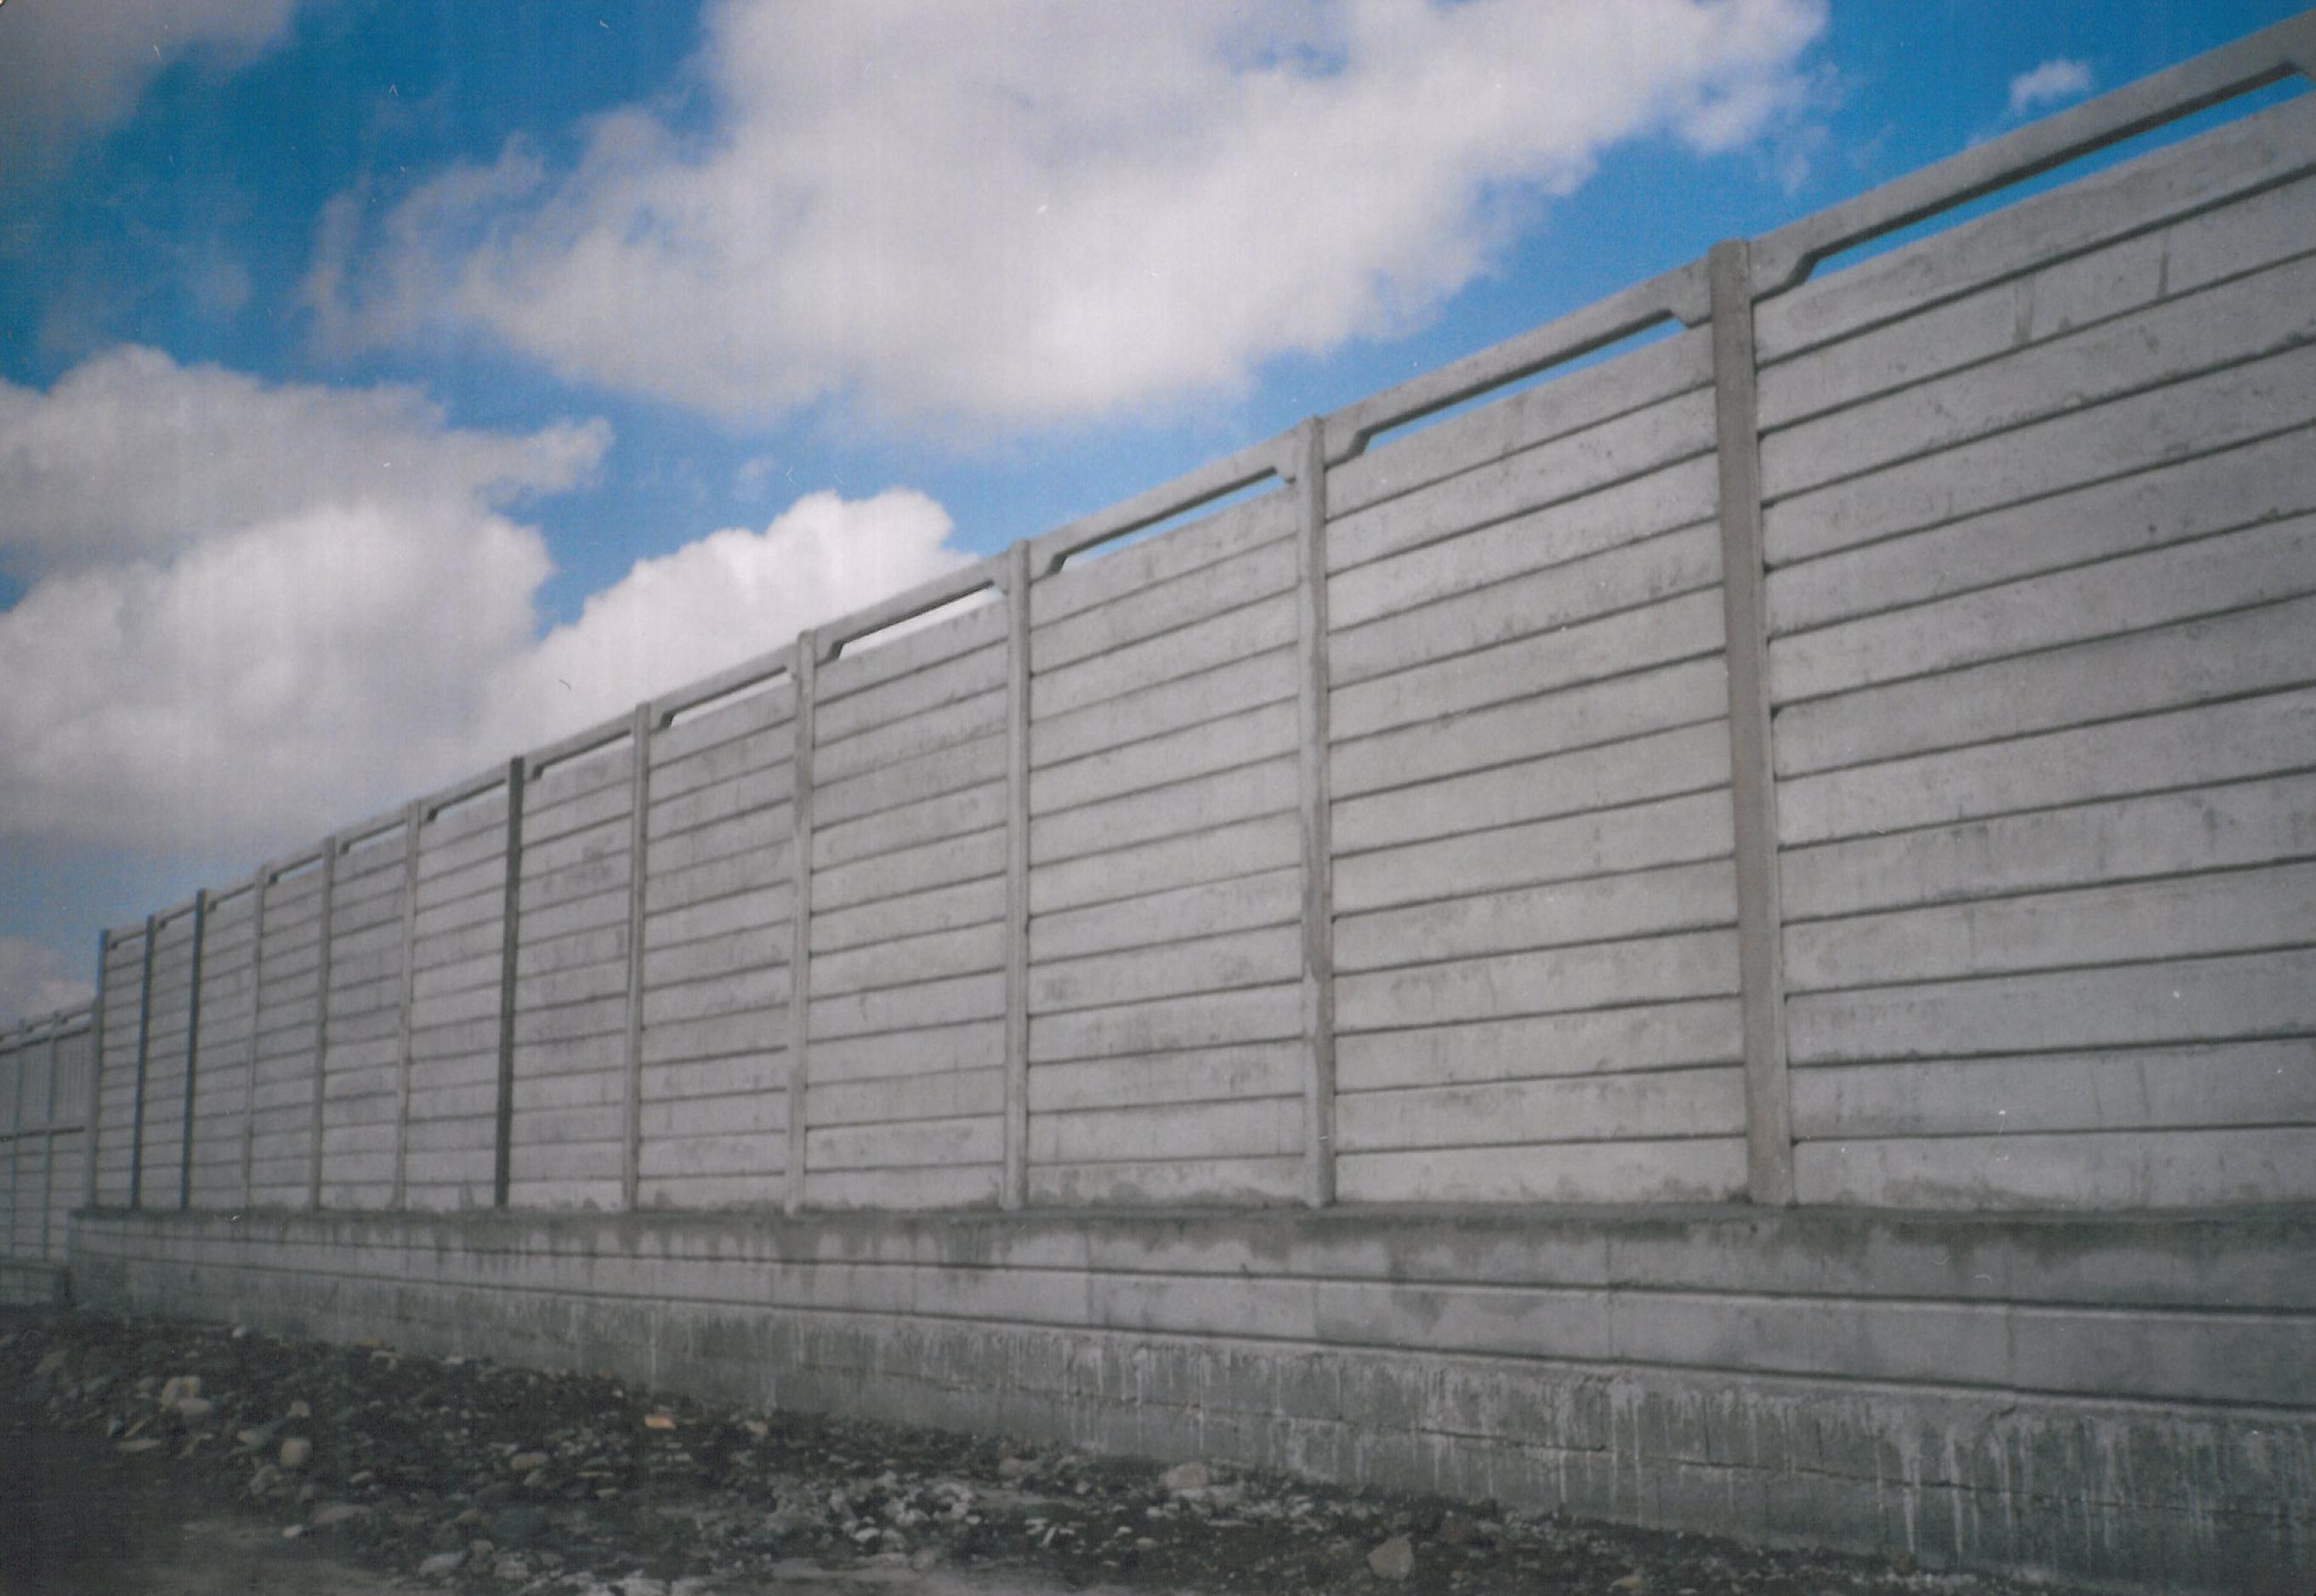 تصاویر نمونه کارهای اجرایی دیوار پیش ساخته شرکت درو بتن شمال ...دانشکده پرستاری لنگرود